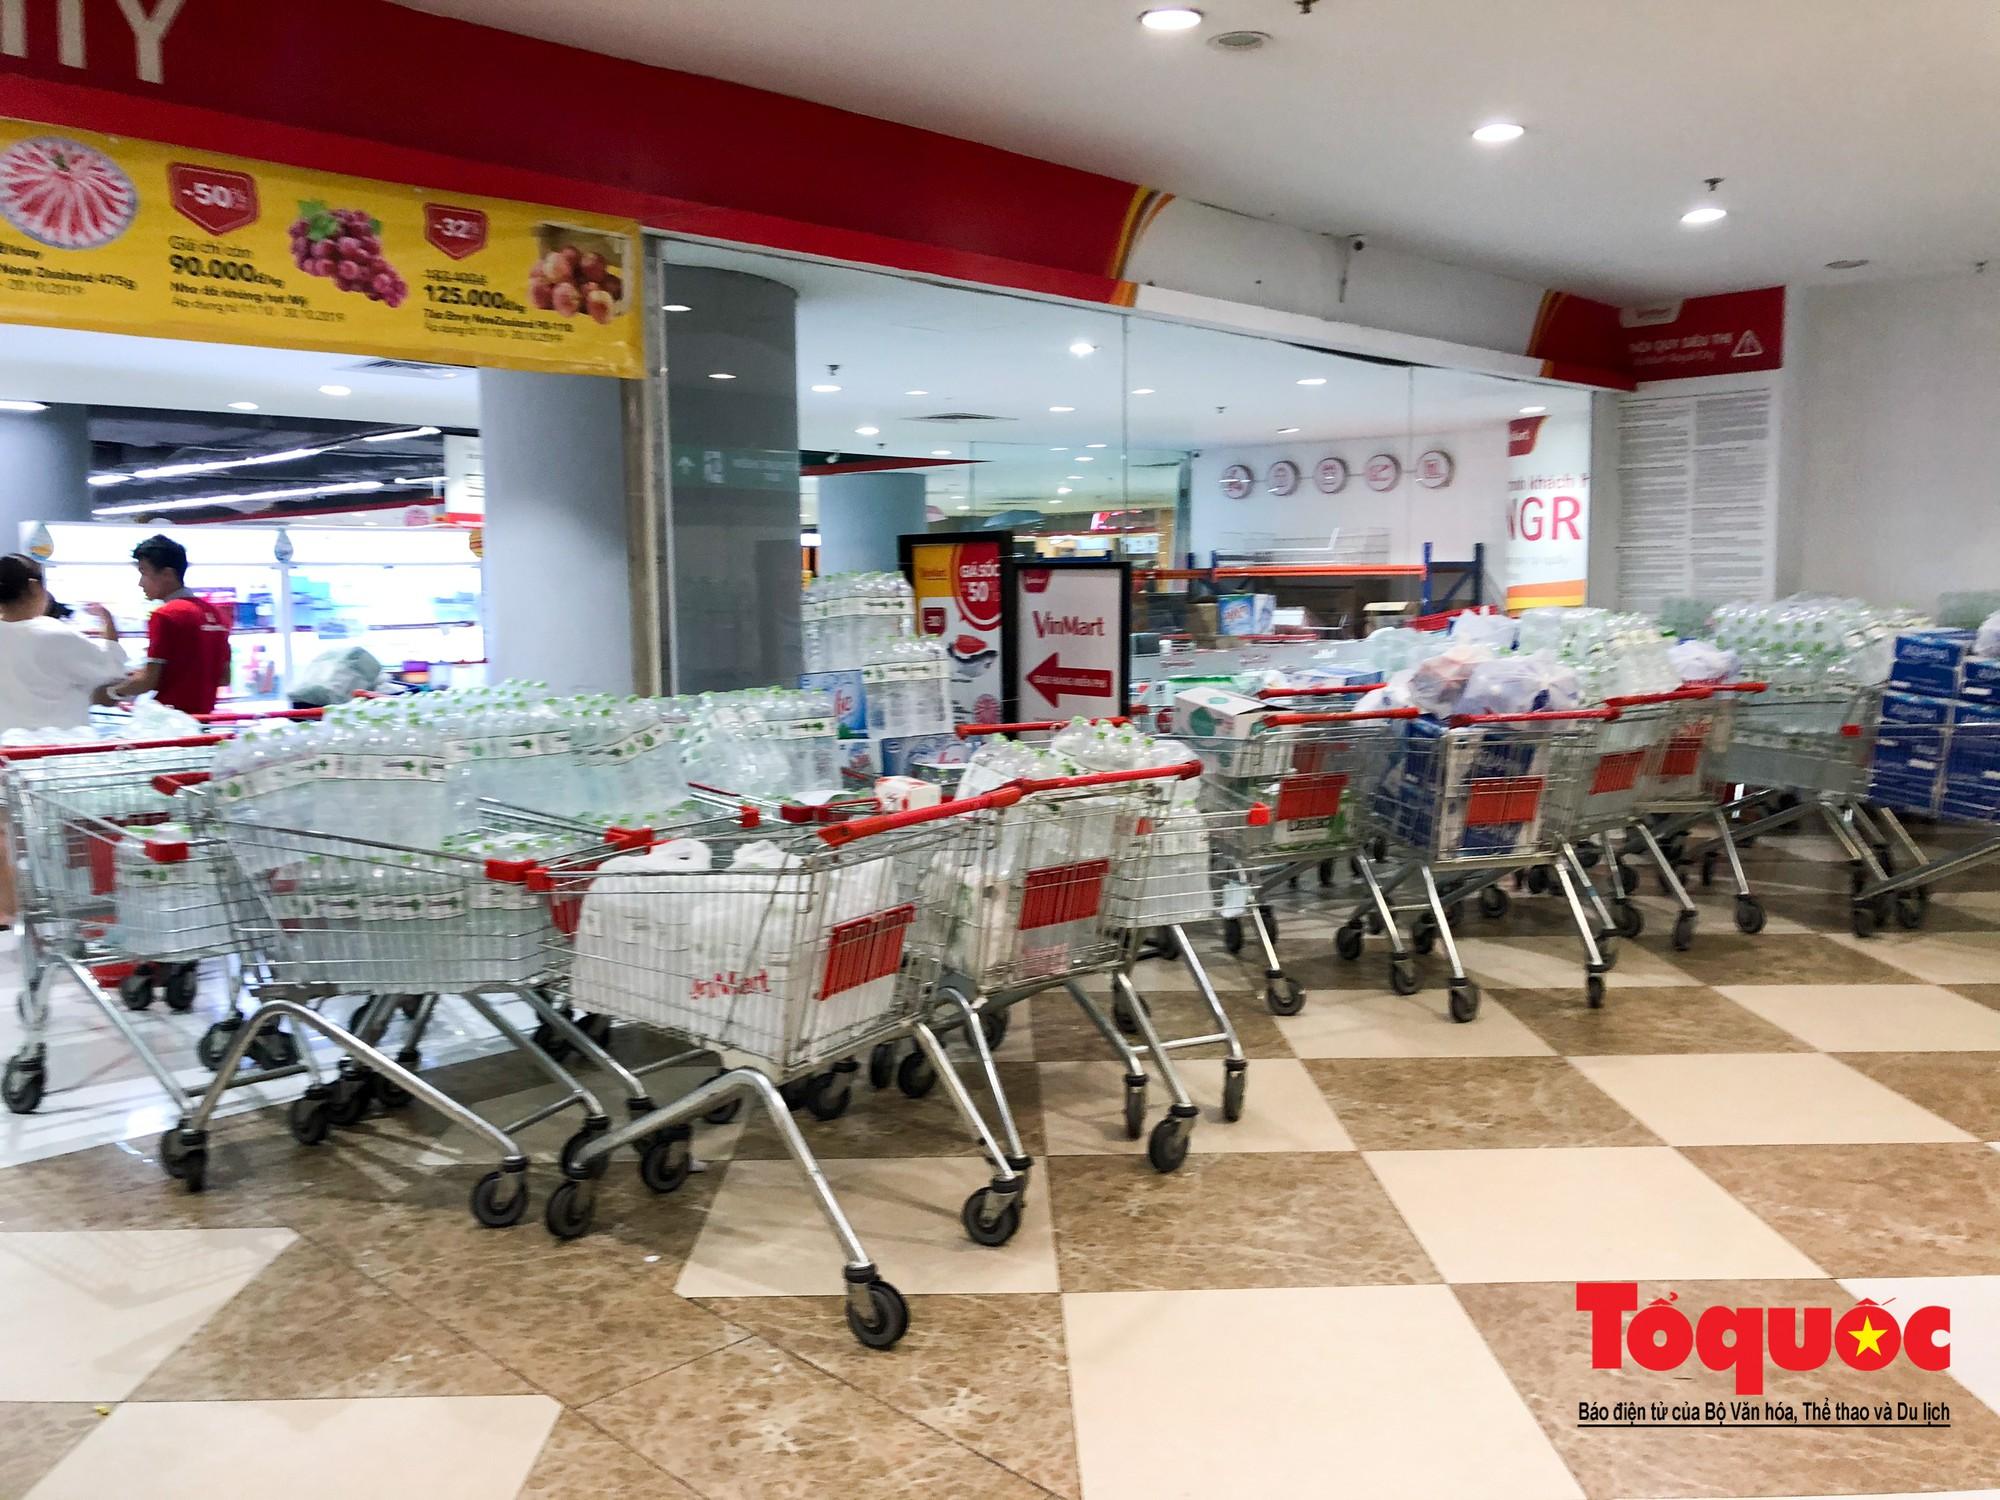 Sợ nước bẩn, người dân đổ xô đến các siêu thi mua nước đóng chai22